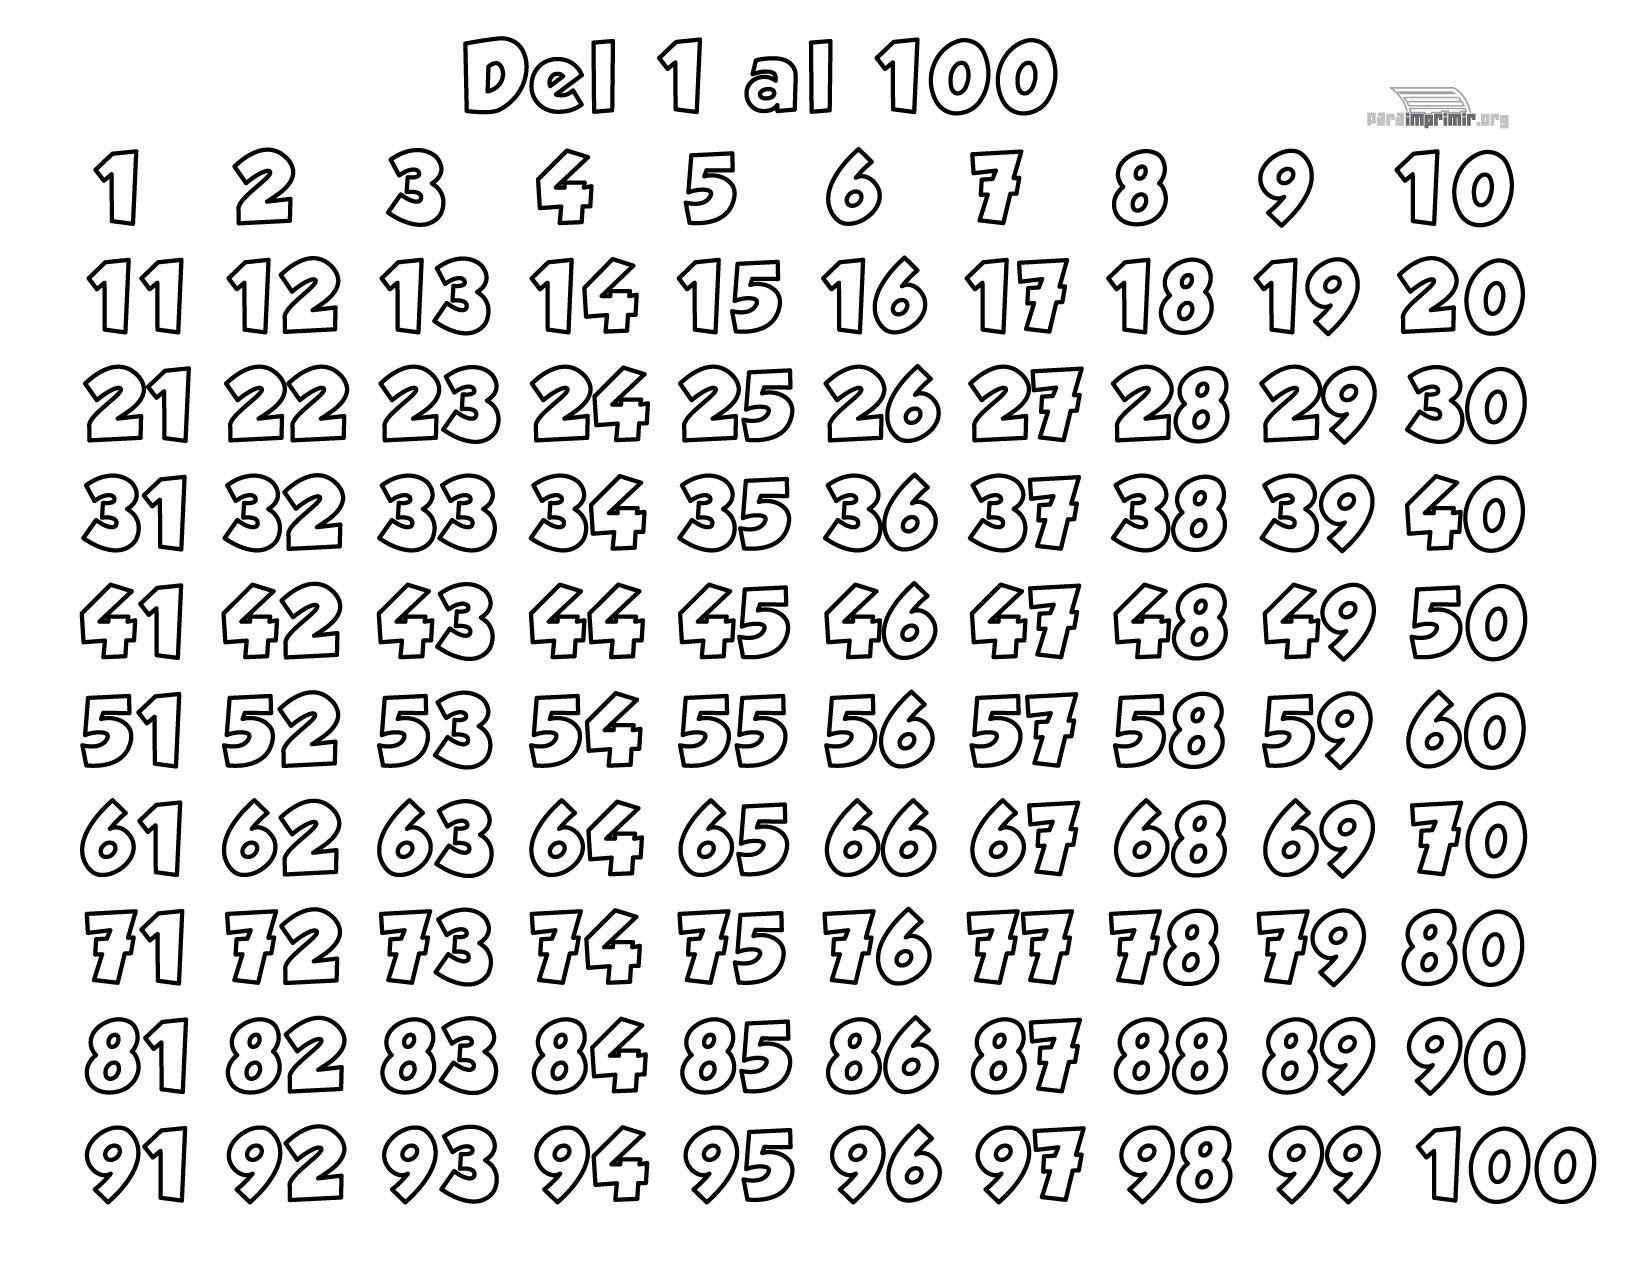 Worksheets 1 Al 100 los numeros del 1 al 100 para imprimir jpg naomeros imprimir